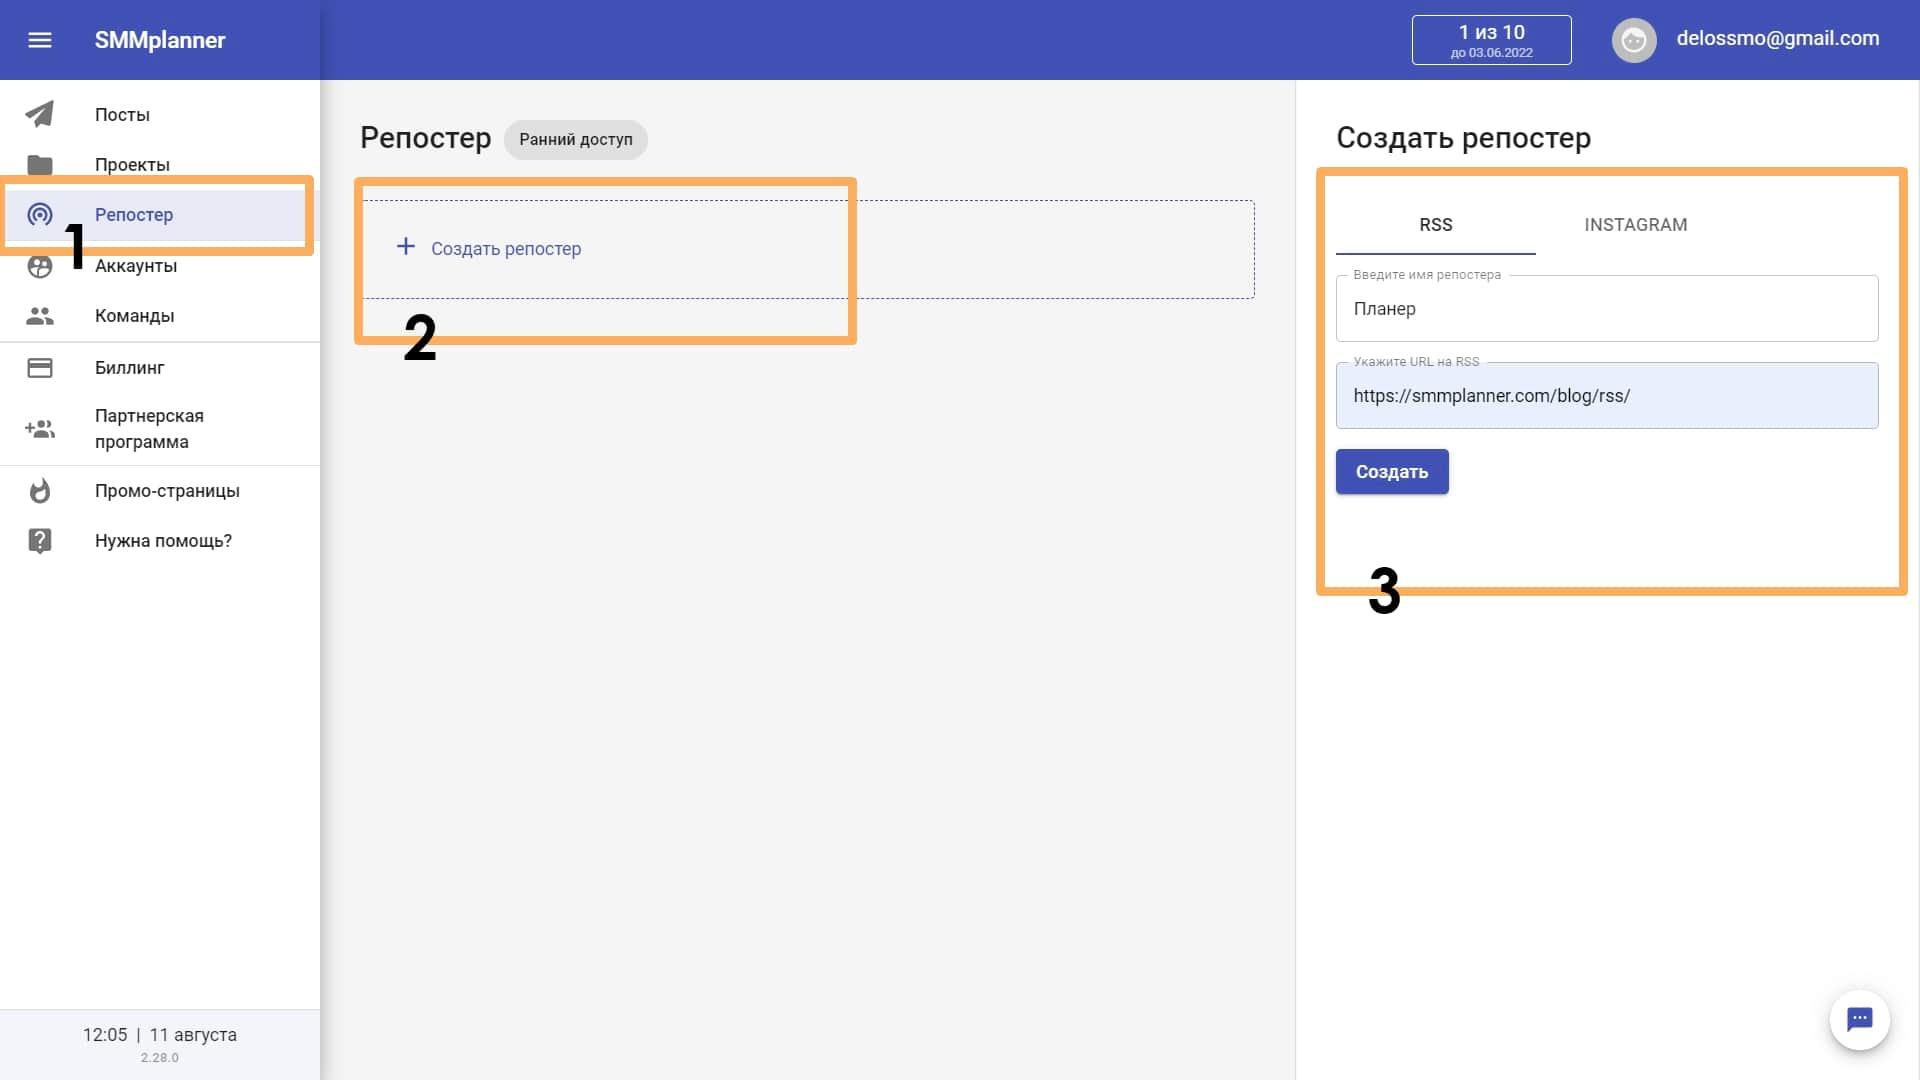 Репостер → Создать репостер → Введите имя и ссылку на RSS-ленту